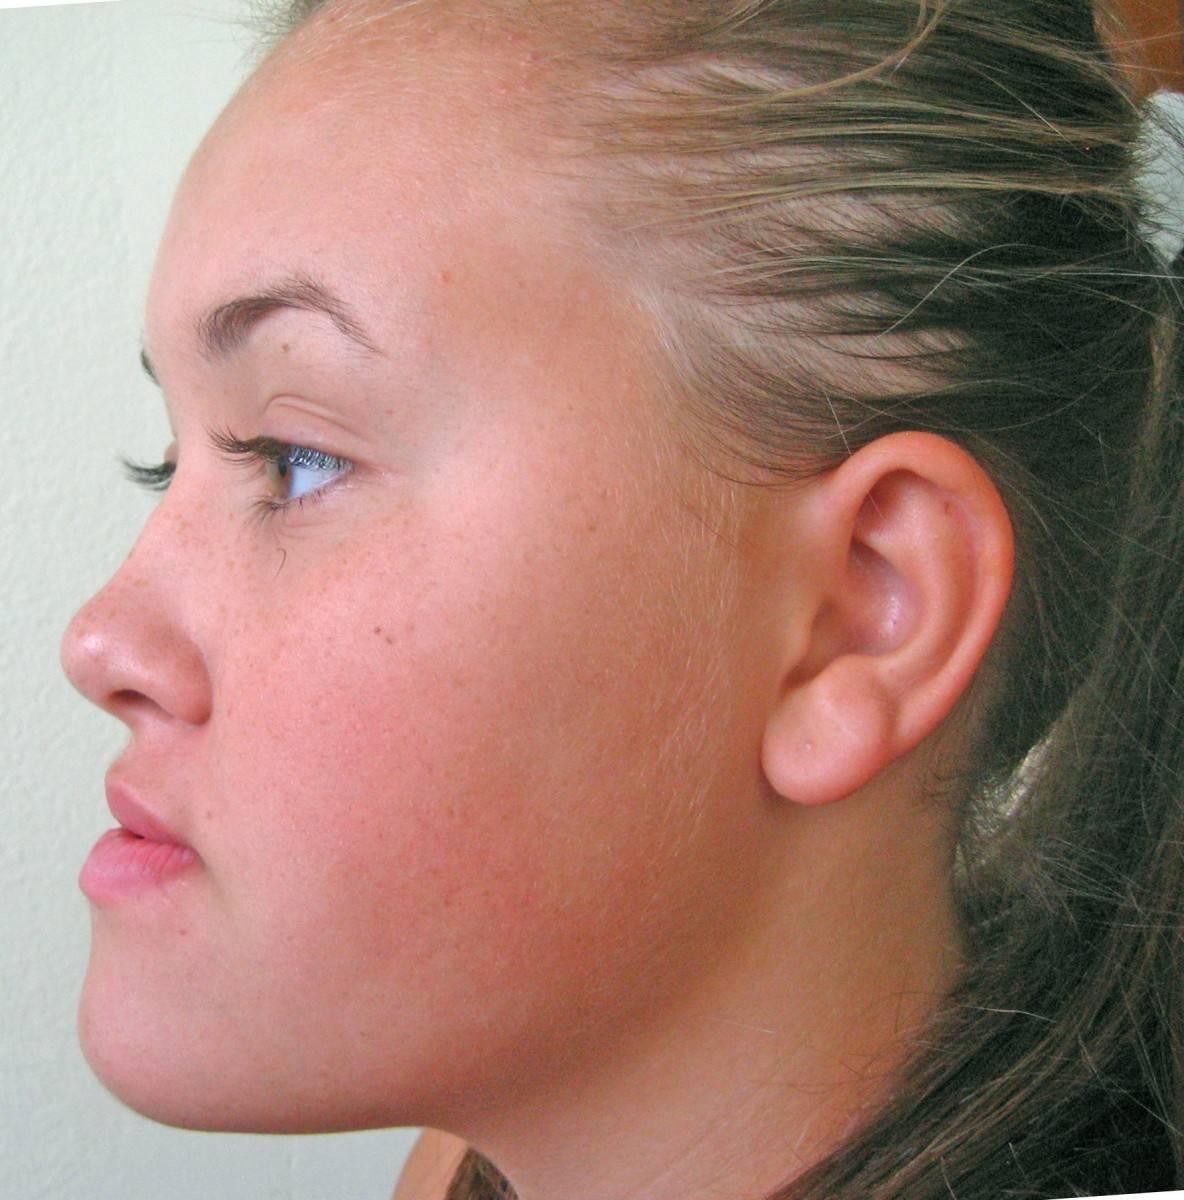 неправильный прикус нижняя челюсть вперед исправление